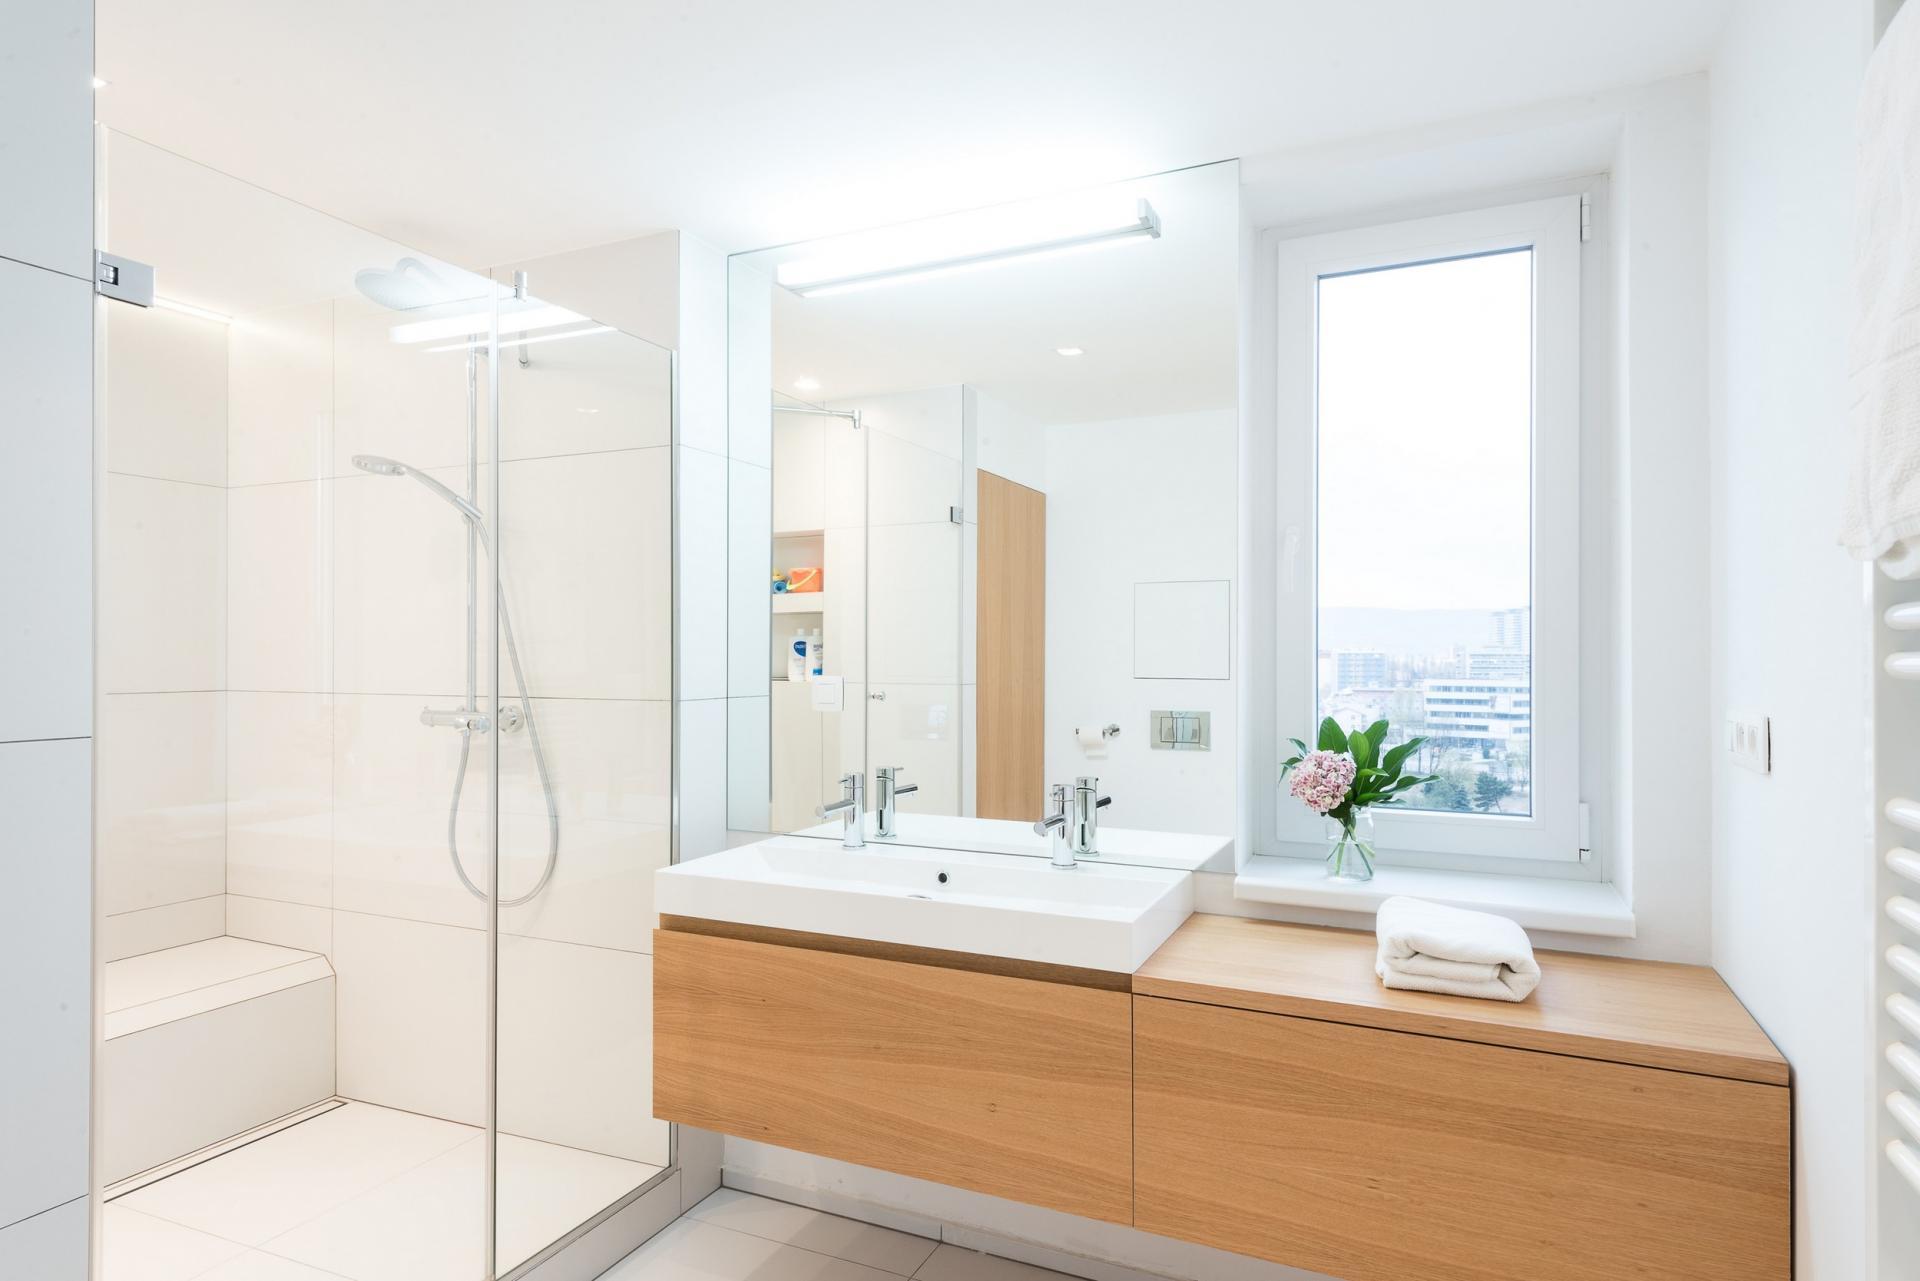 salle de bain lumineuse bois blanc